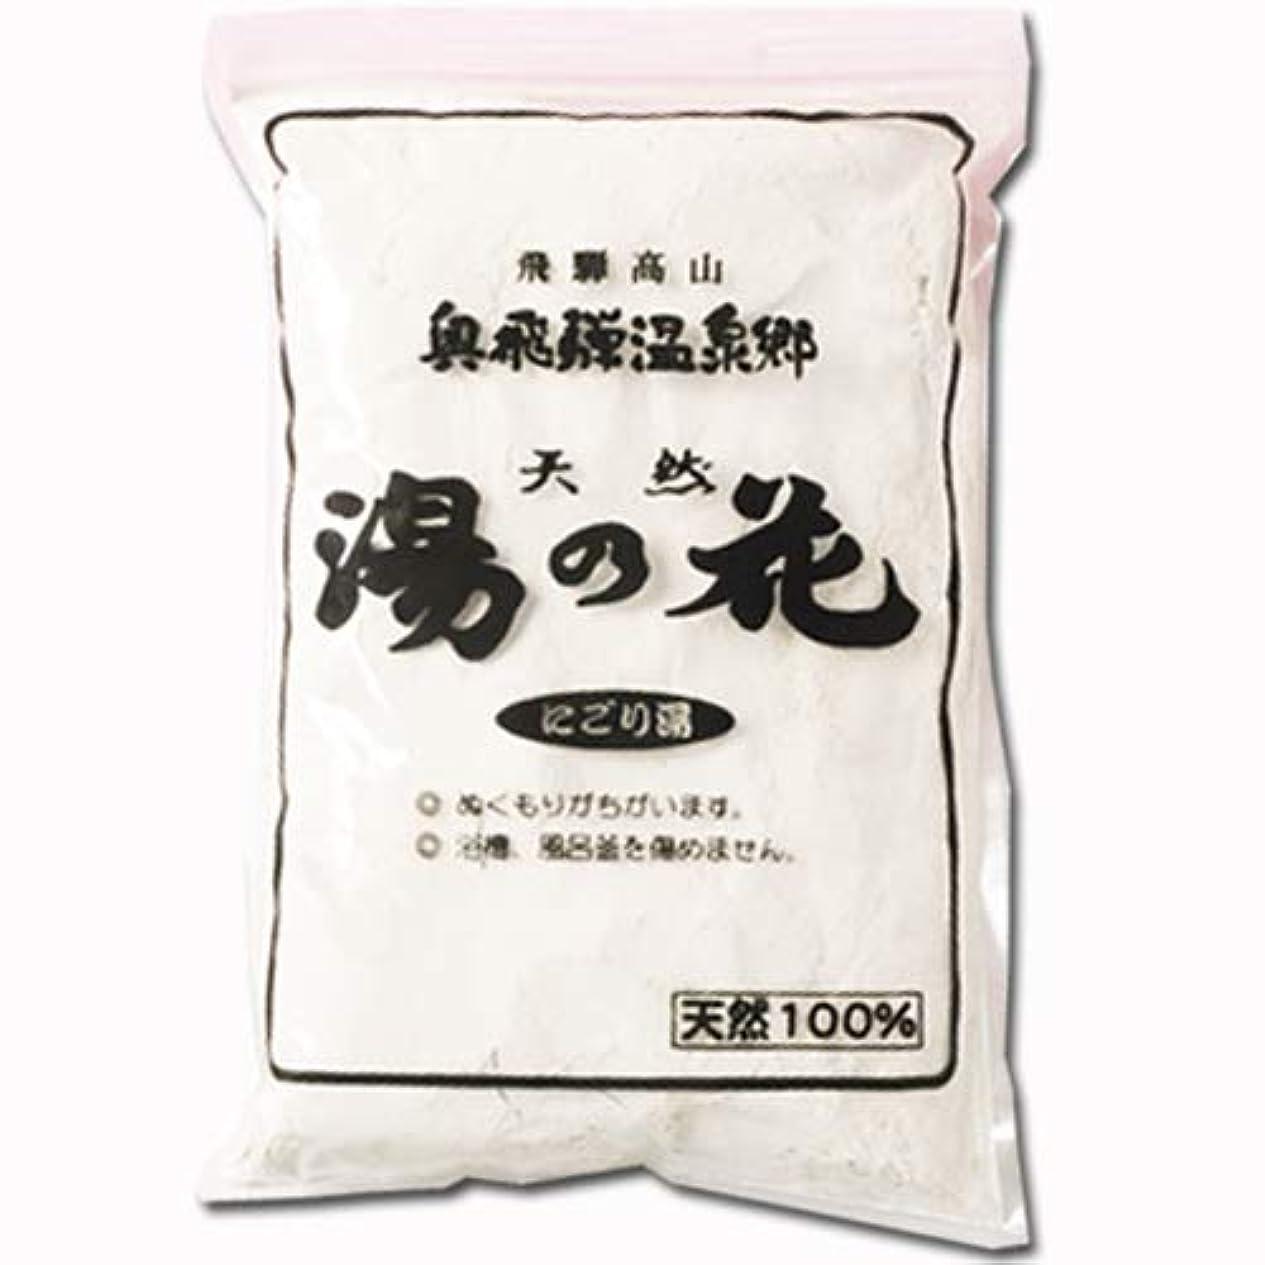 マングルスチールイブニング天然湯の花 (業務用) 1kg (飛騨高山温泉郷 にごり湯)